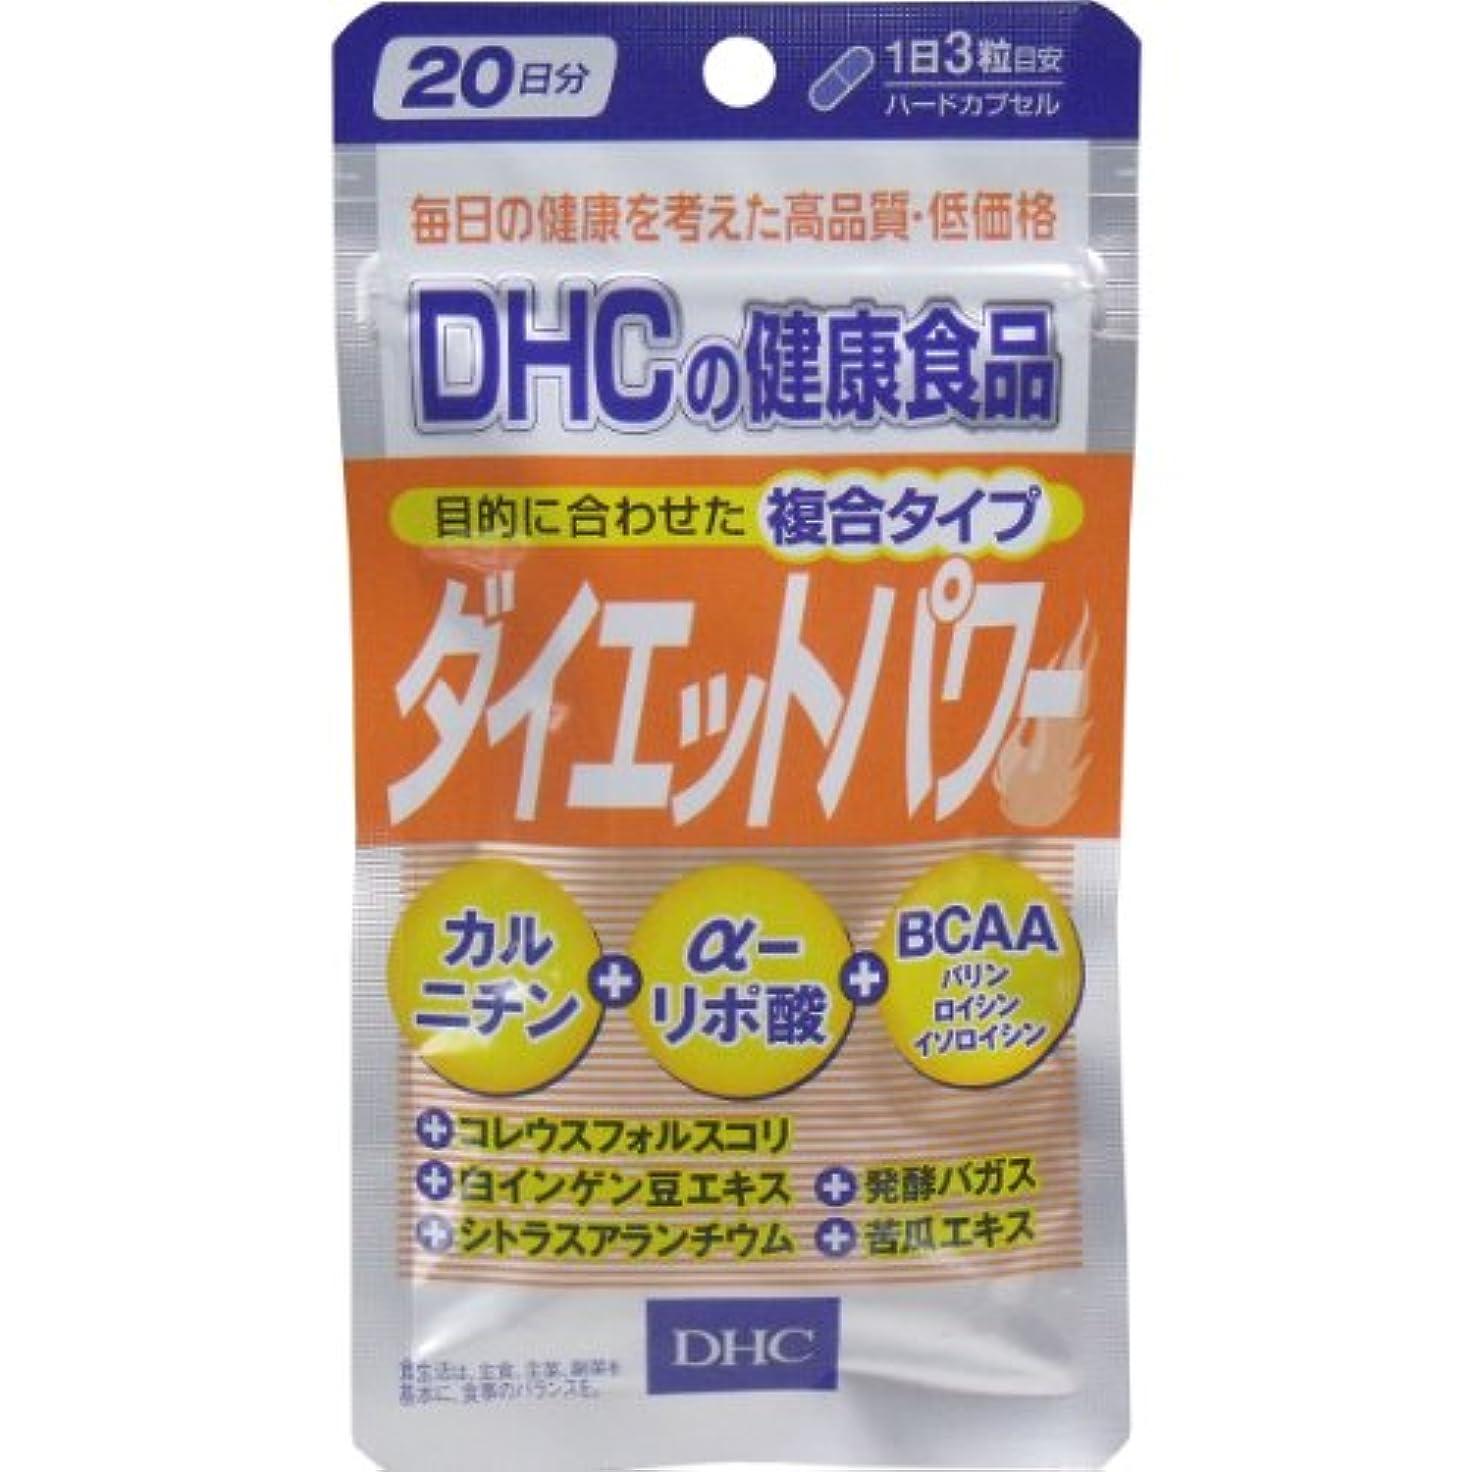 靴残基泳ぐDHC ダイエットパワー 60粒入 20日分